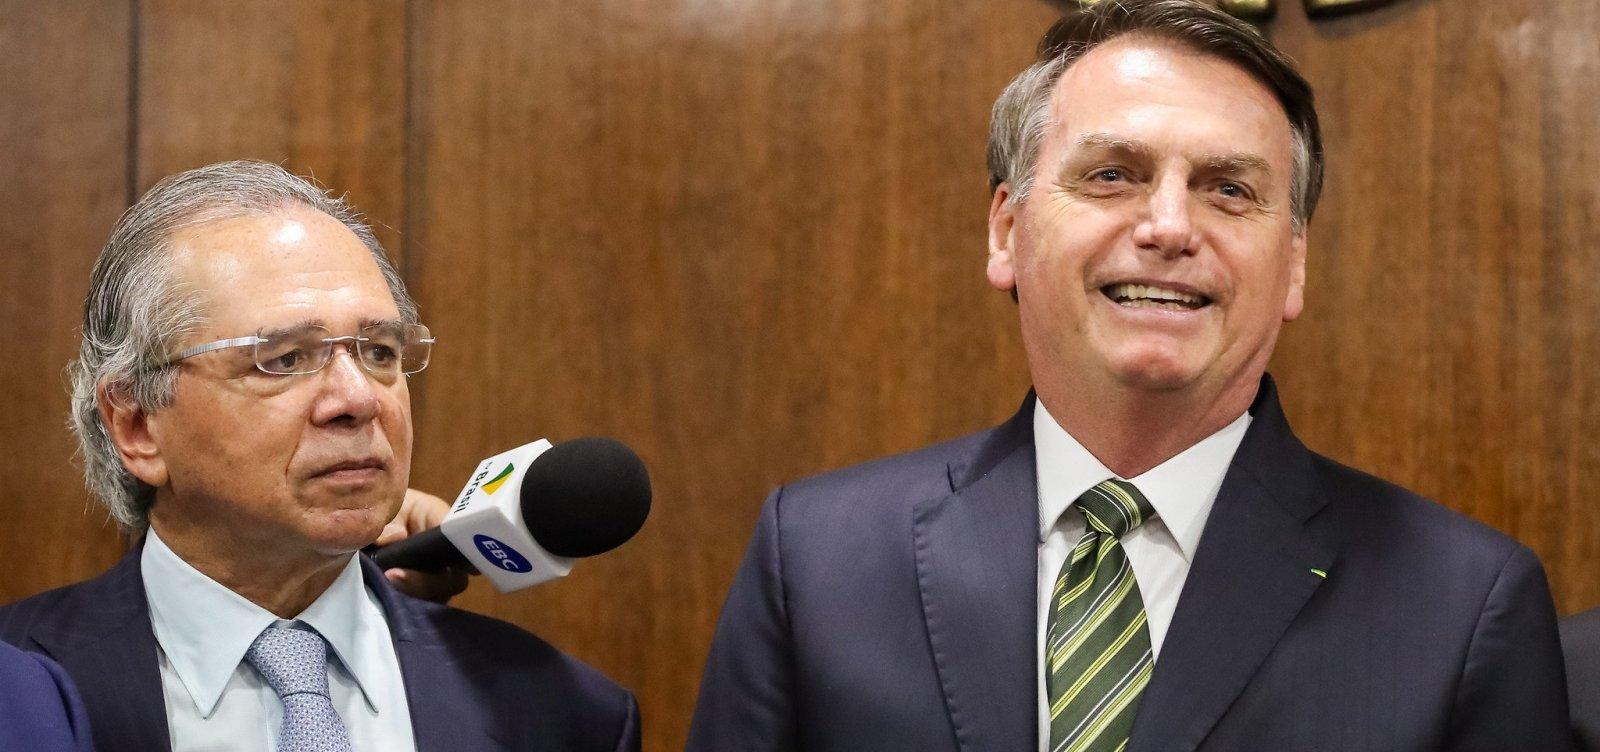 Proposta de Bolsonaro e Guedes quer derrubar obrigação de construir escolas